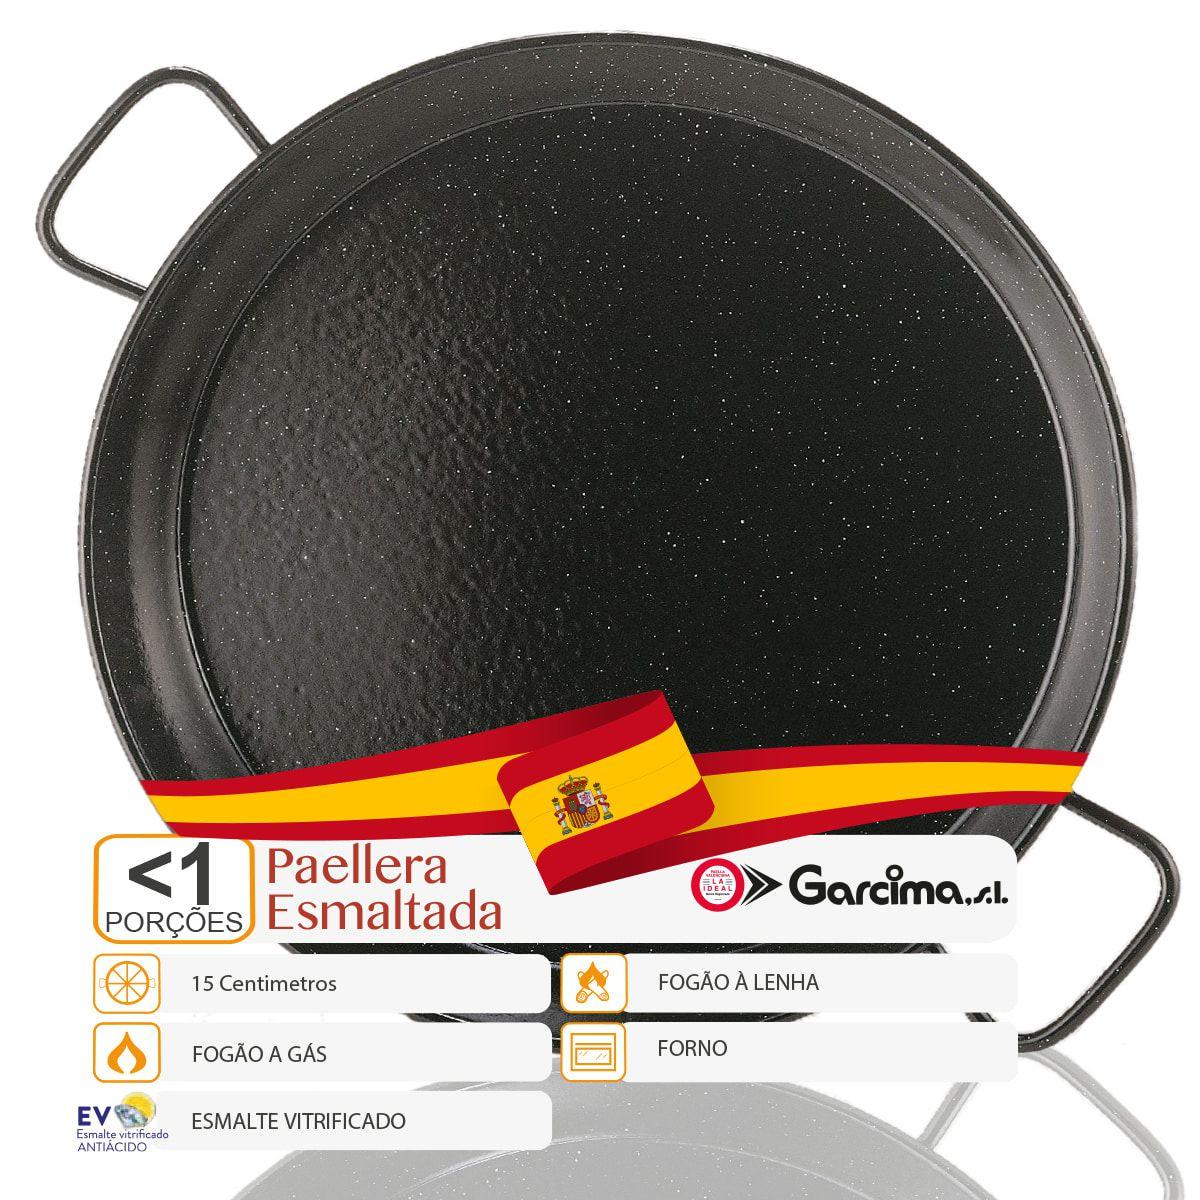 Kit 2 und Paellera Aço Esmaltada 15 Cm (<1 Porção) Garcima  - EMPÓRIO PACK